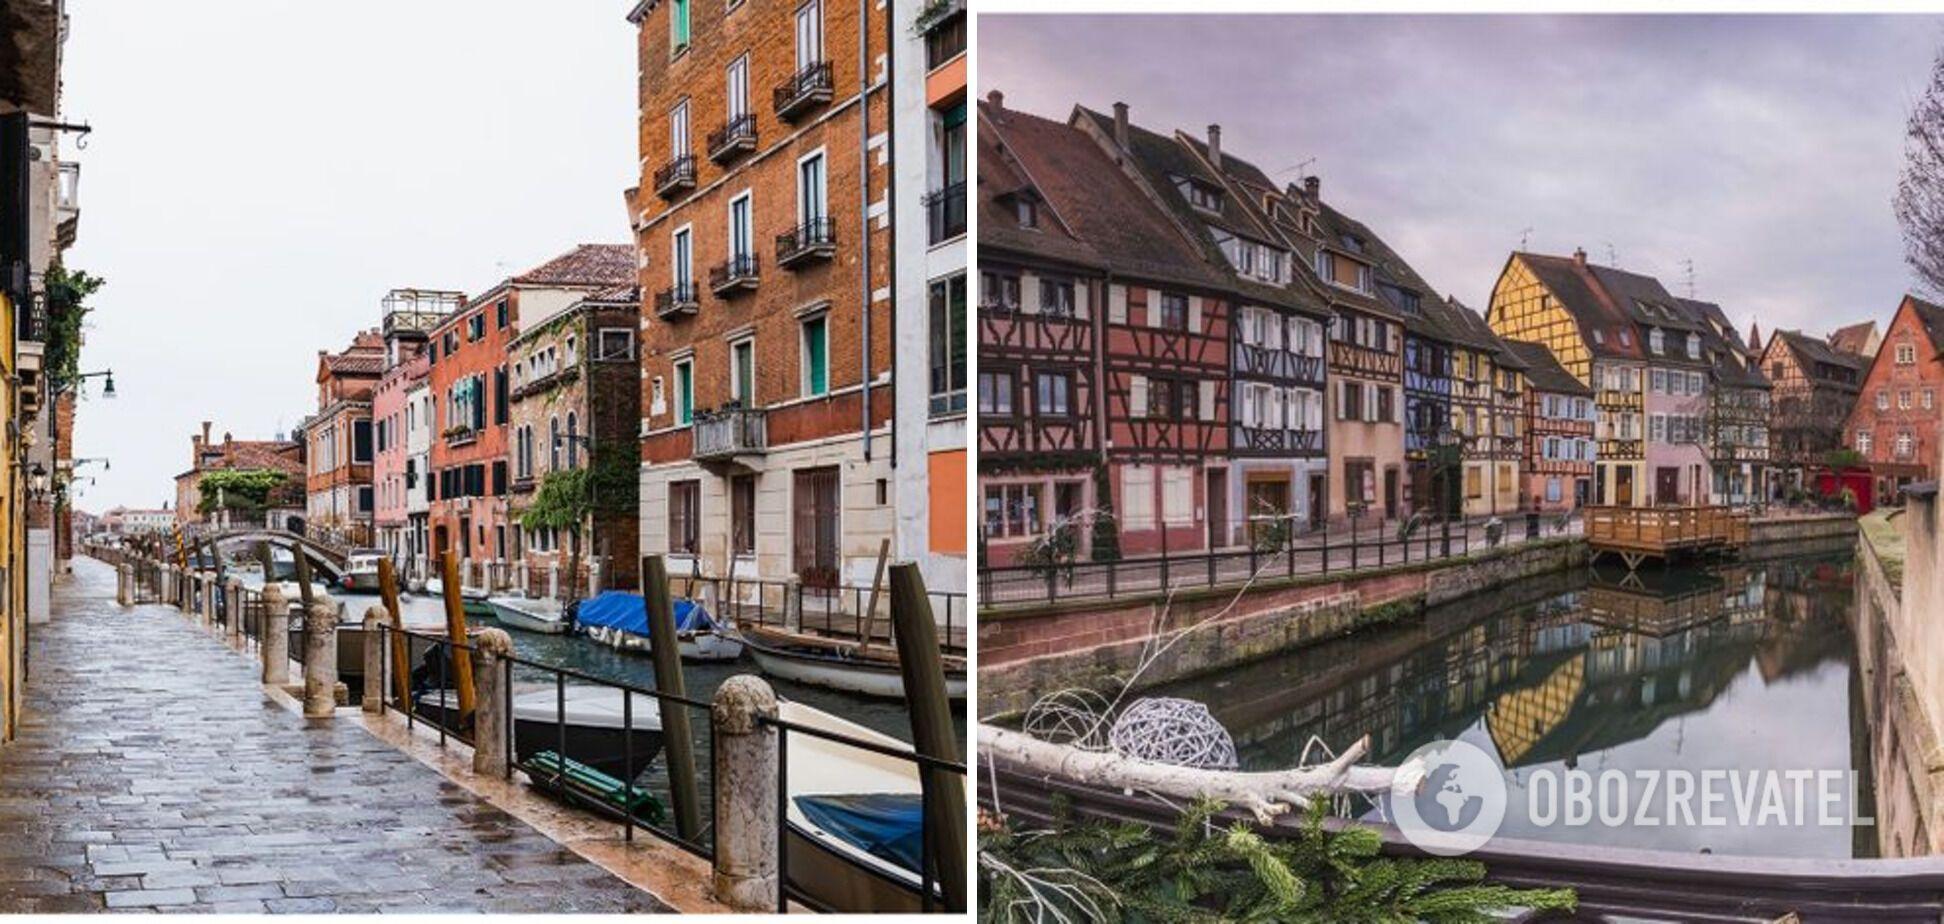 Слева – Венеция в Италии, справа – Кольмар во Франции.